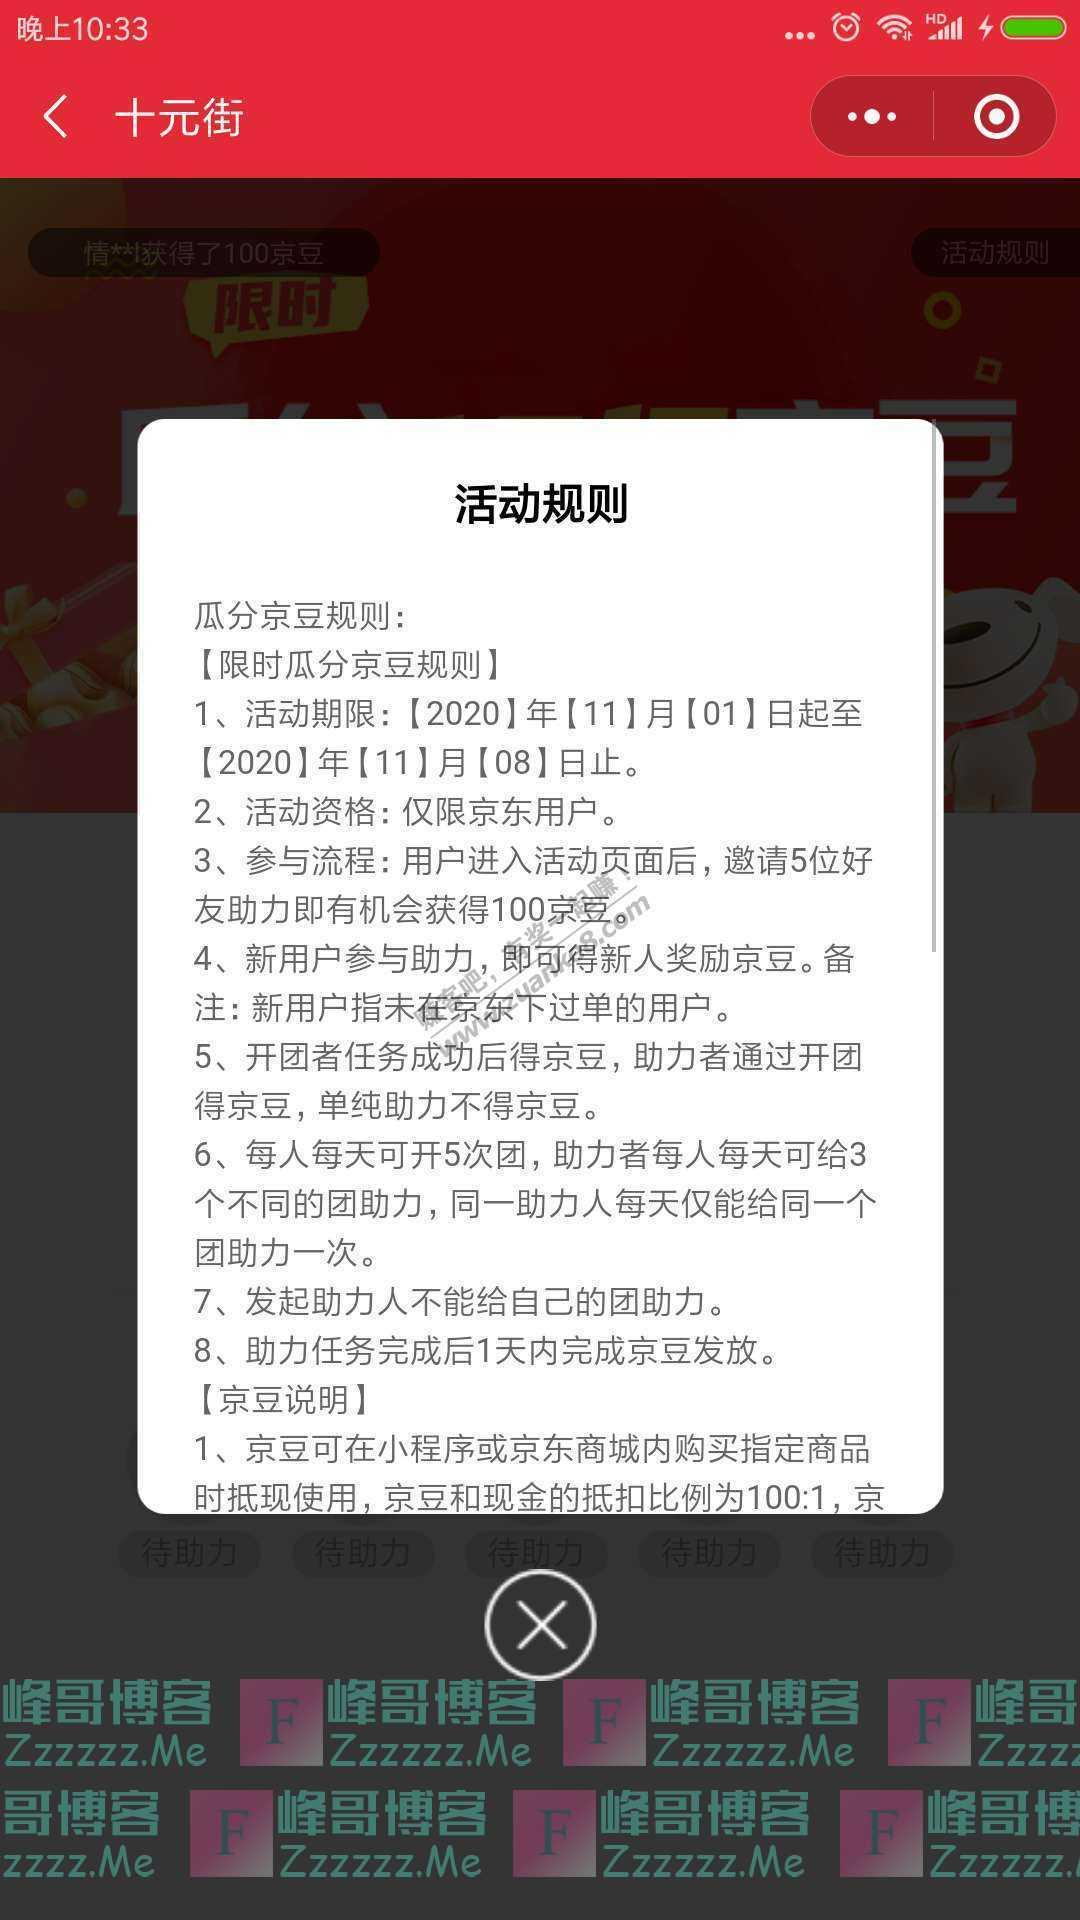 十元街1亿京豆 限时瓜分(截止11月8日)